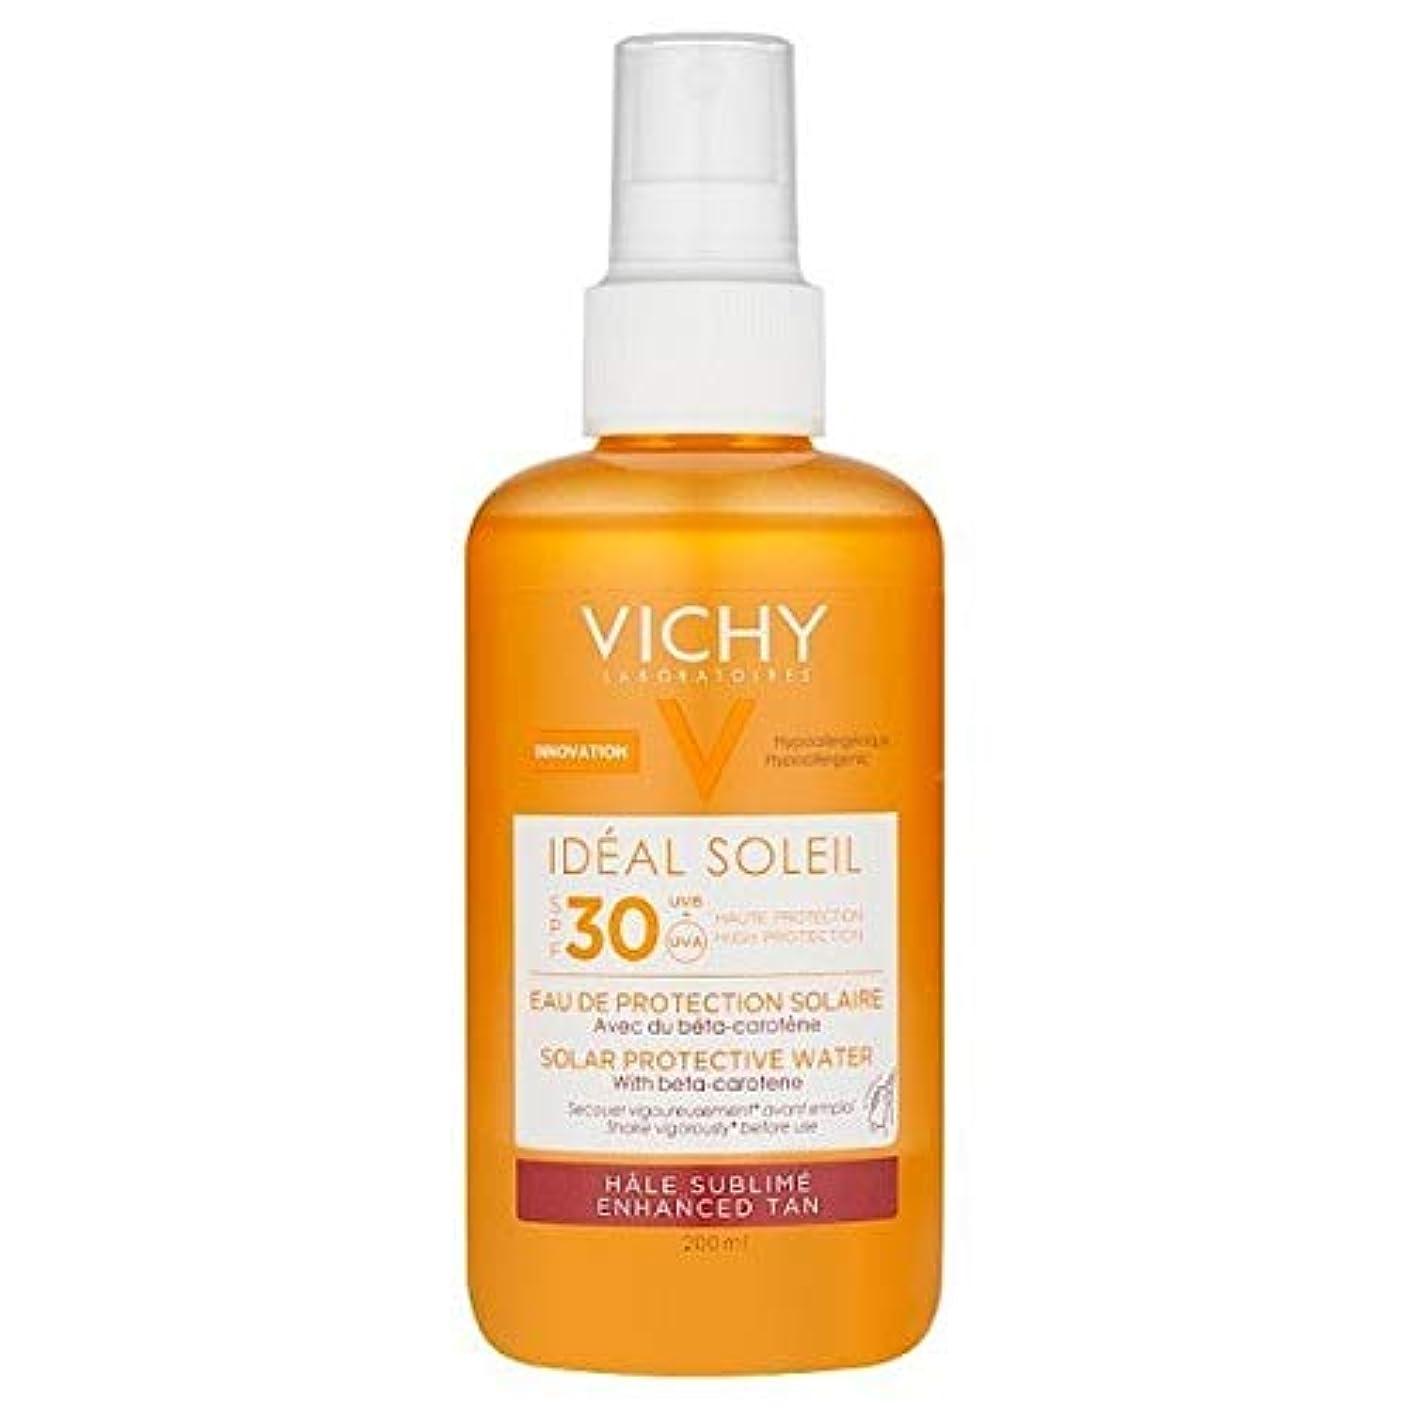 テクスチャー力強い直感[Vichy ] ヴィシー理想的ソレイユ日焼け日焼け止め水Spf30の200ミリリットル - VICHY Ideal Soleil Tanning Sun Protection Water SPF30 200ml [並行輸入品]